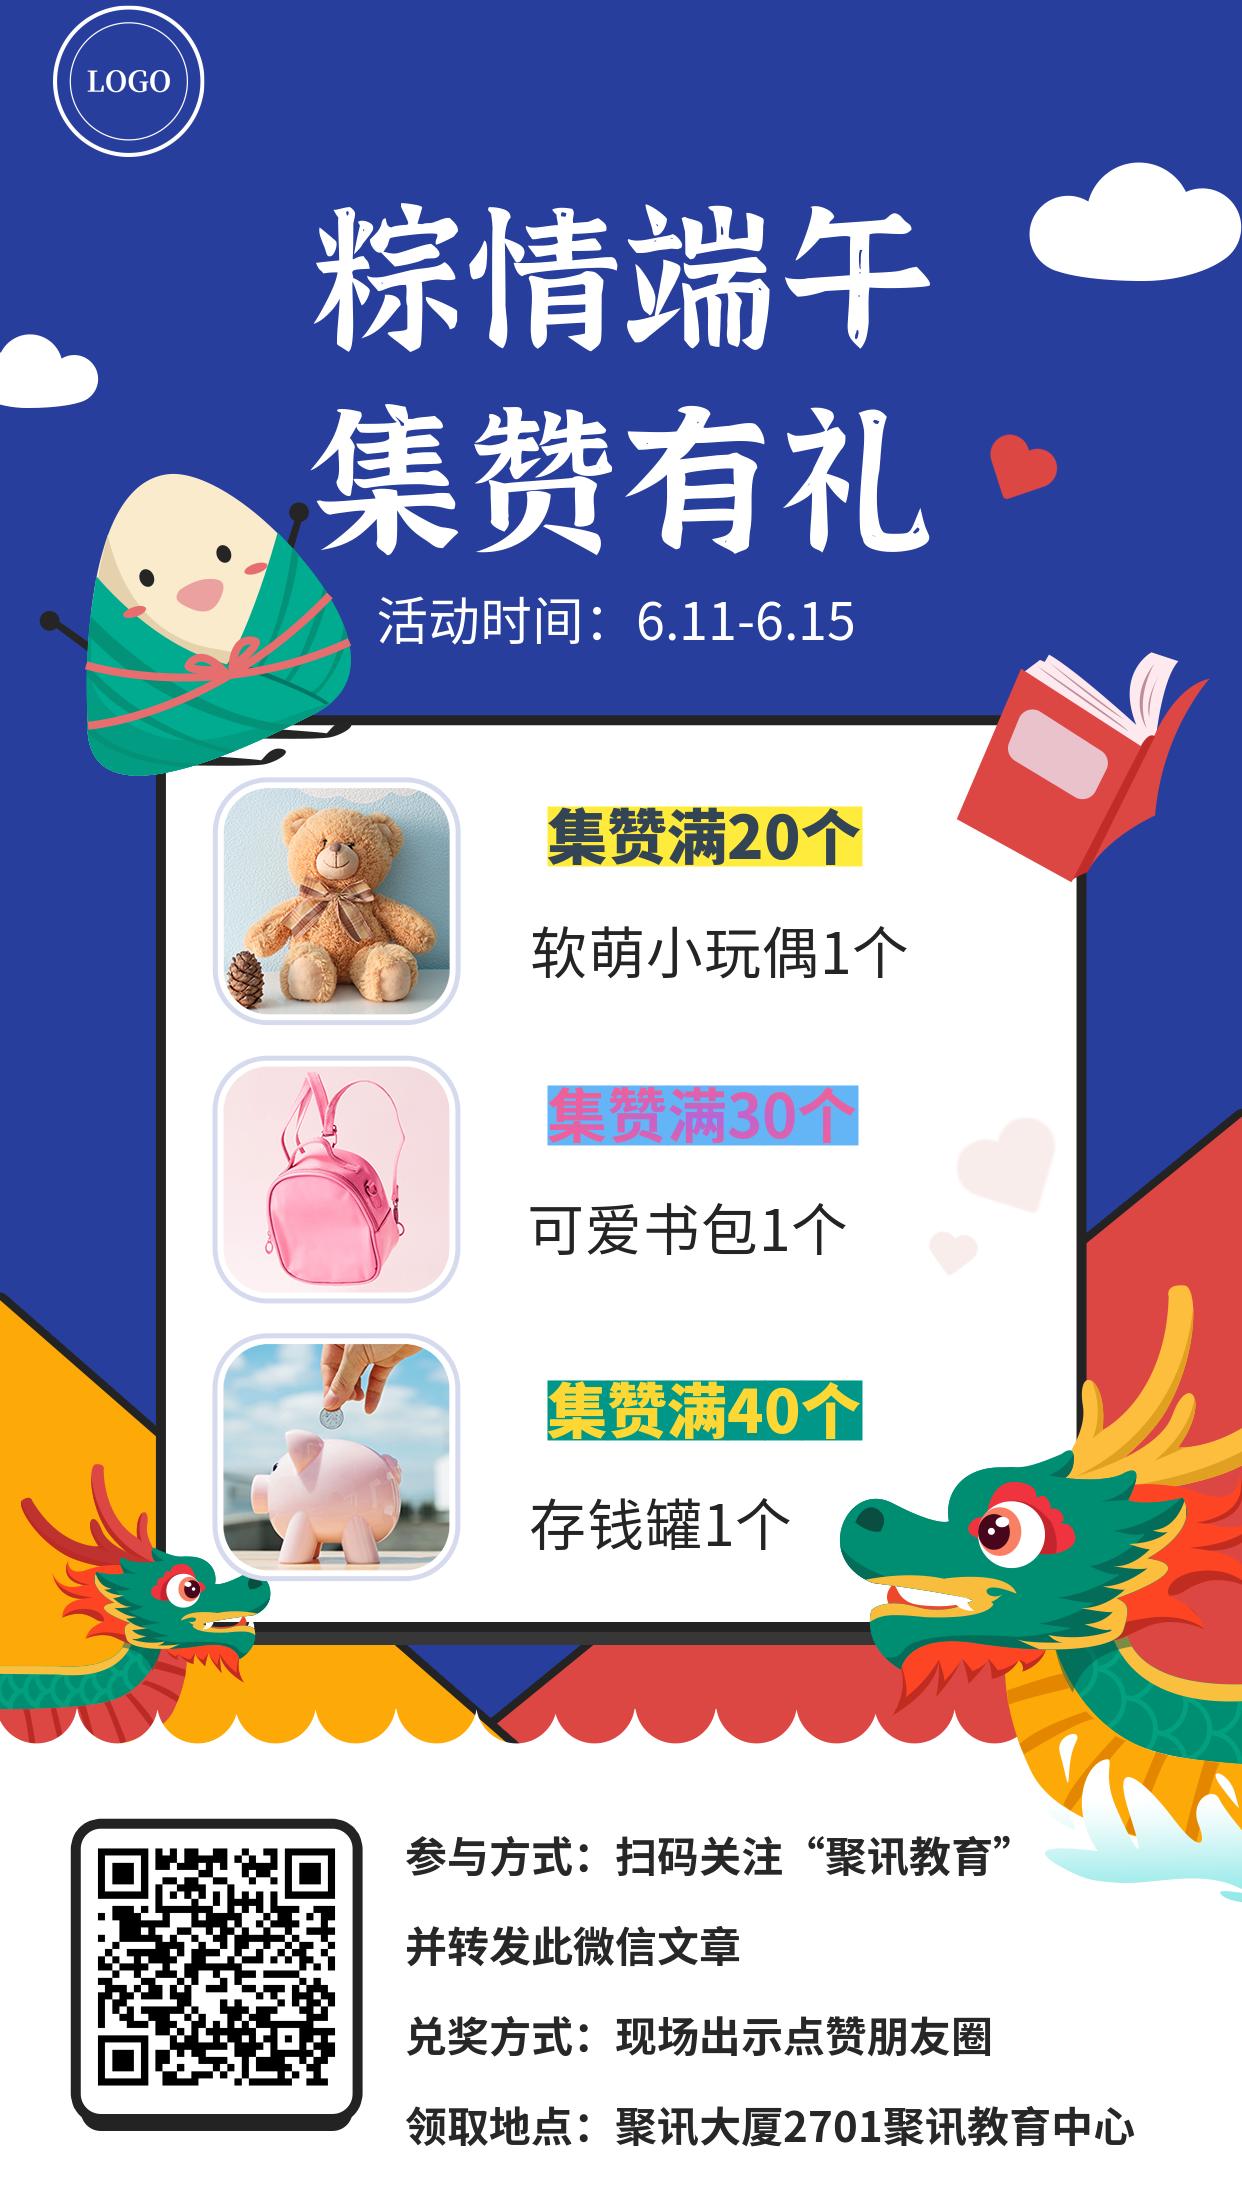 端午节转发集赞营销活动手机海报